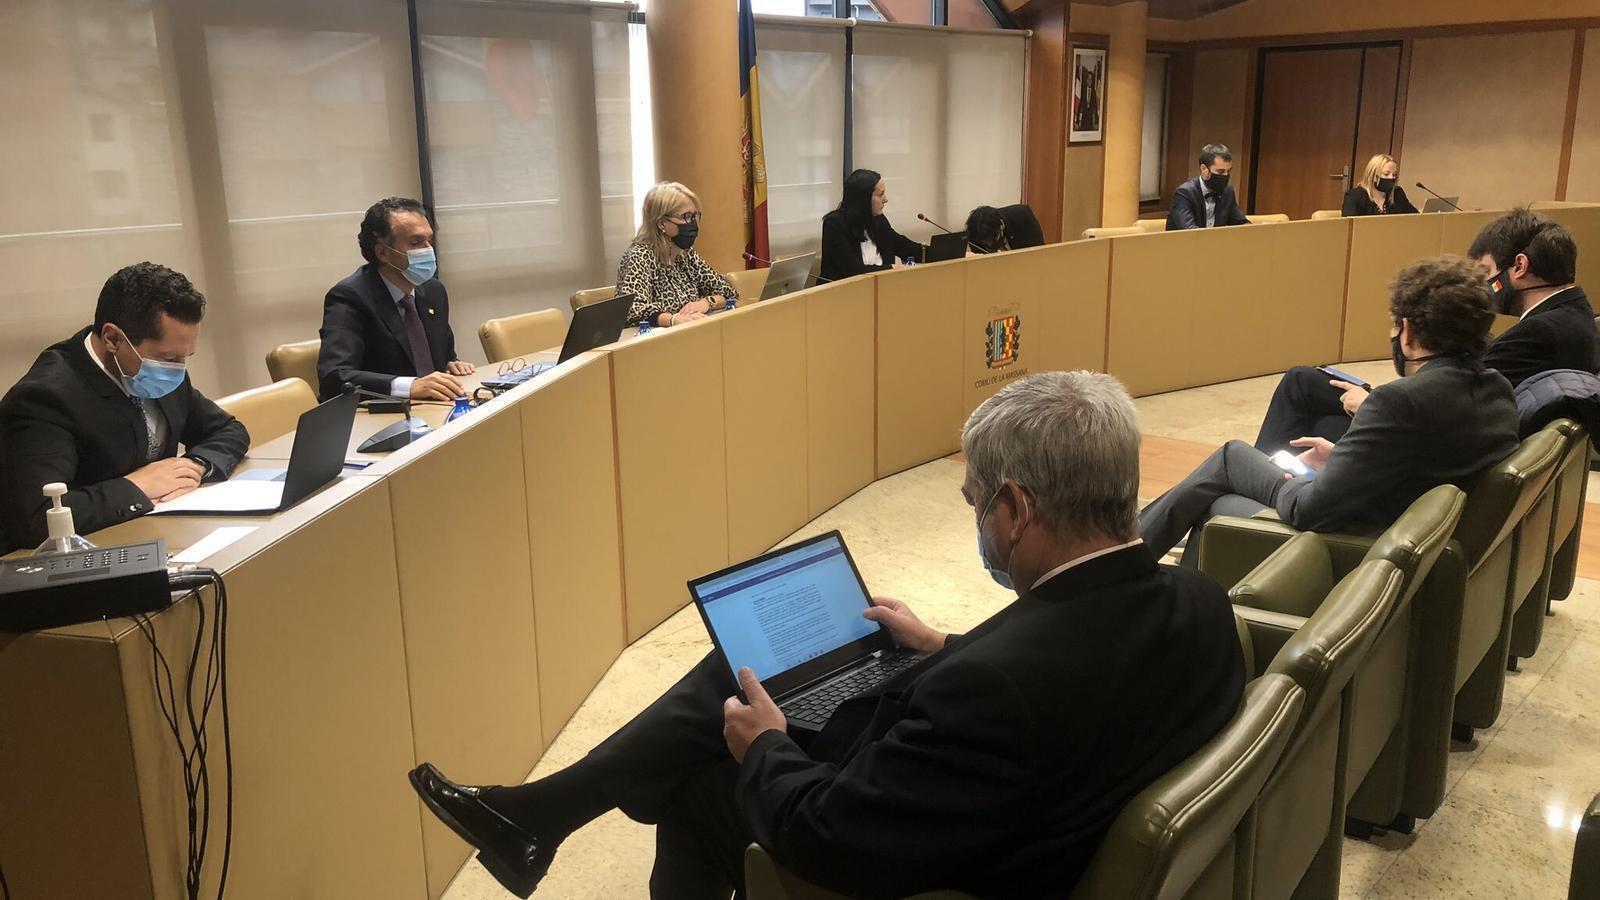 La sessió del consell de comú de la Massana. / COMÚ DE LA MASSANA